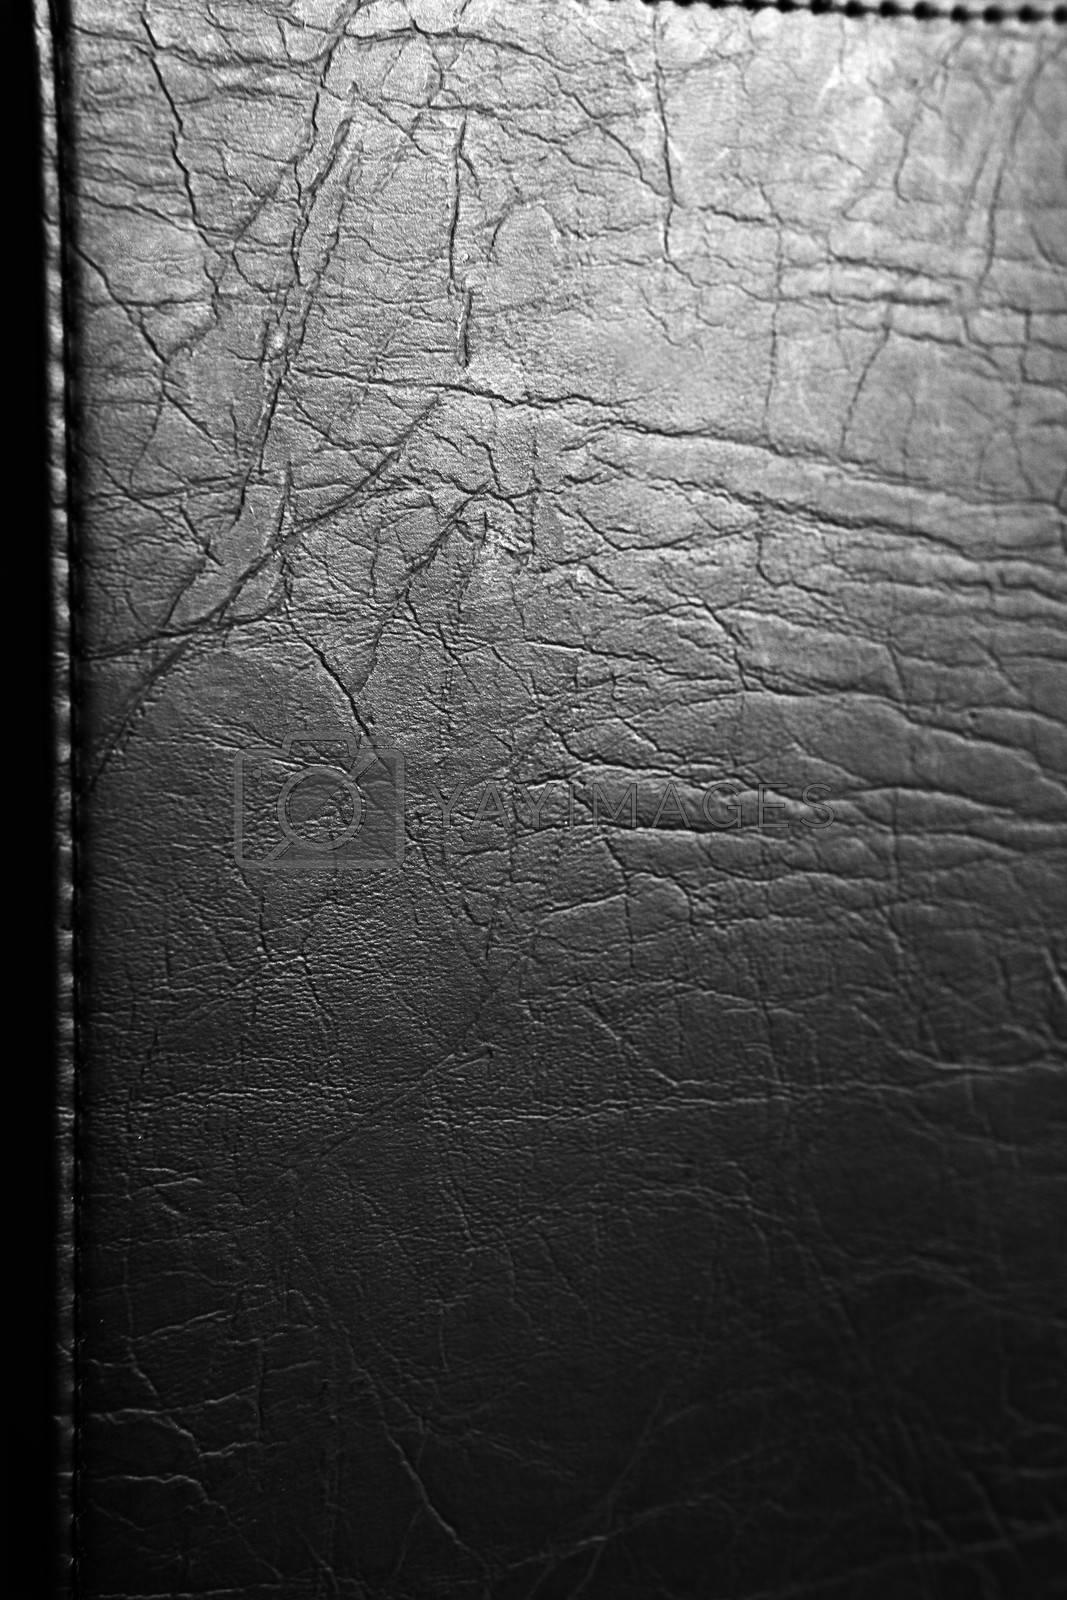 Closeup of dark textured background